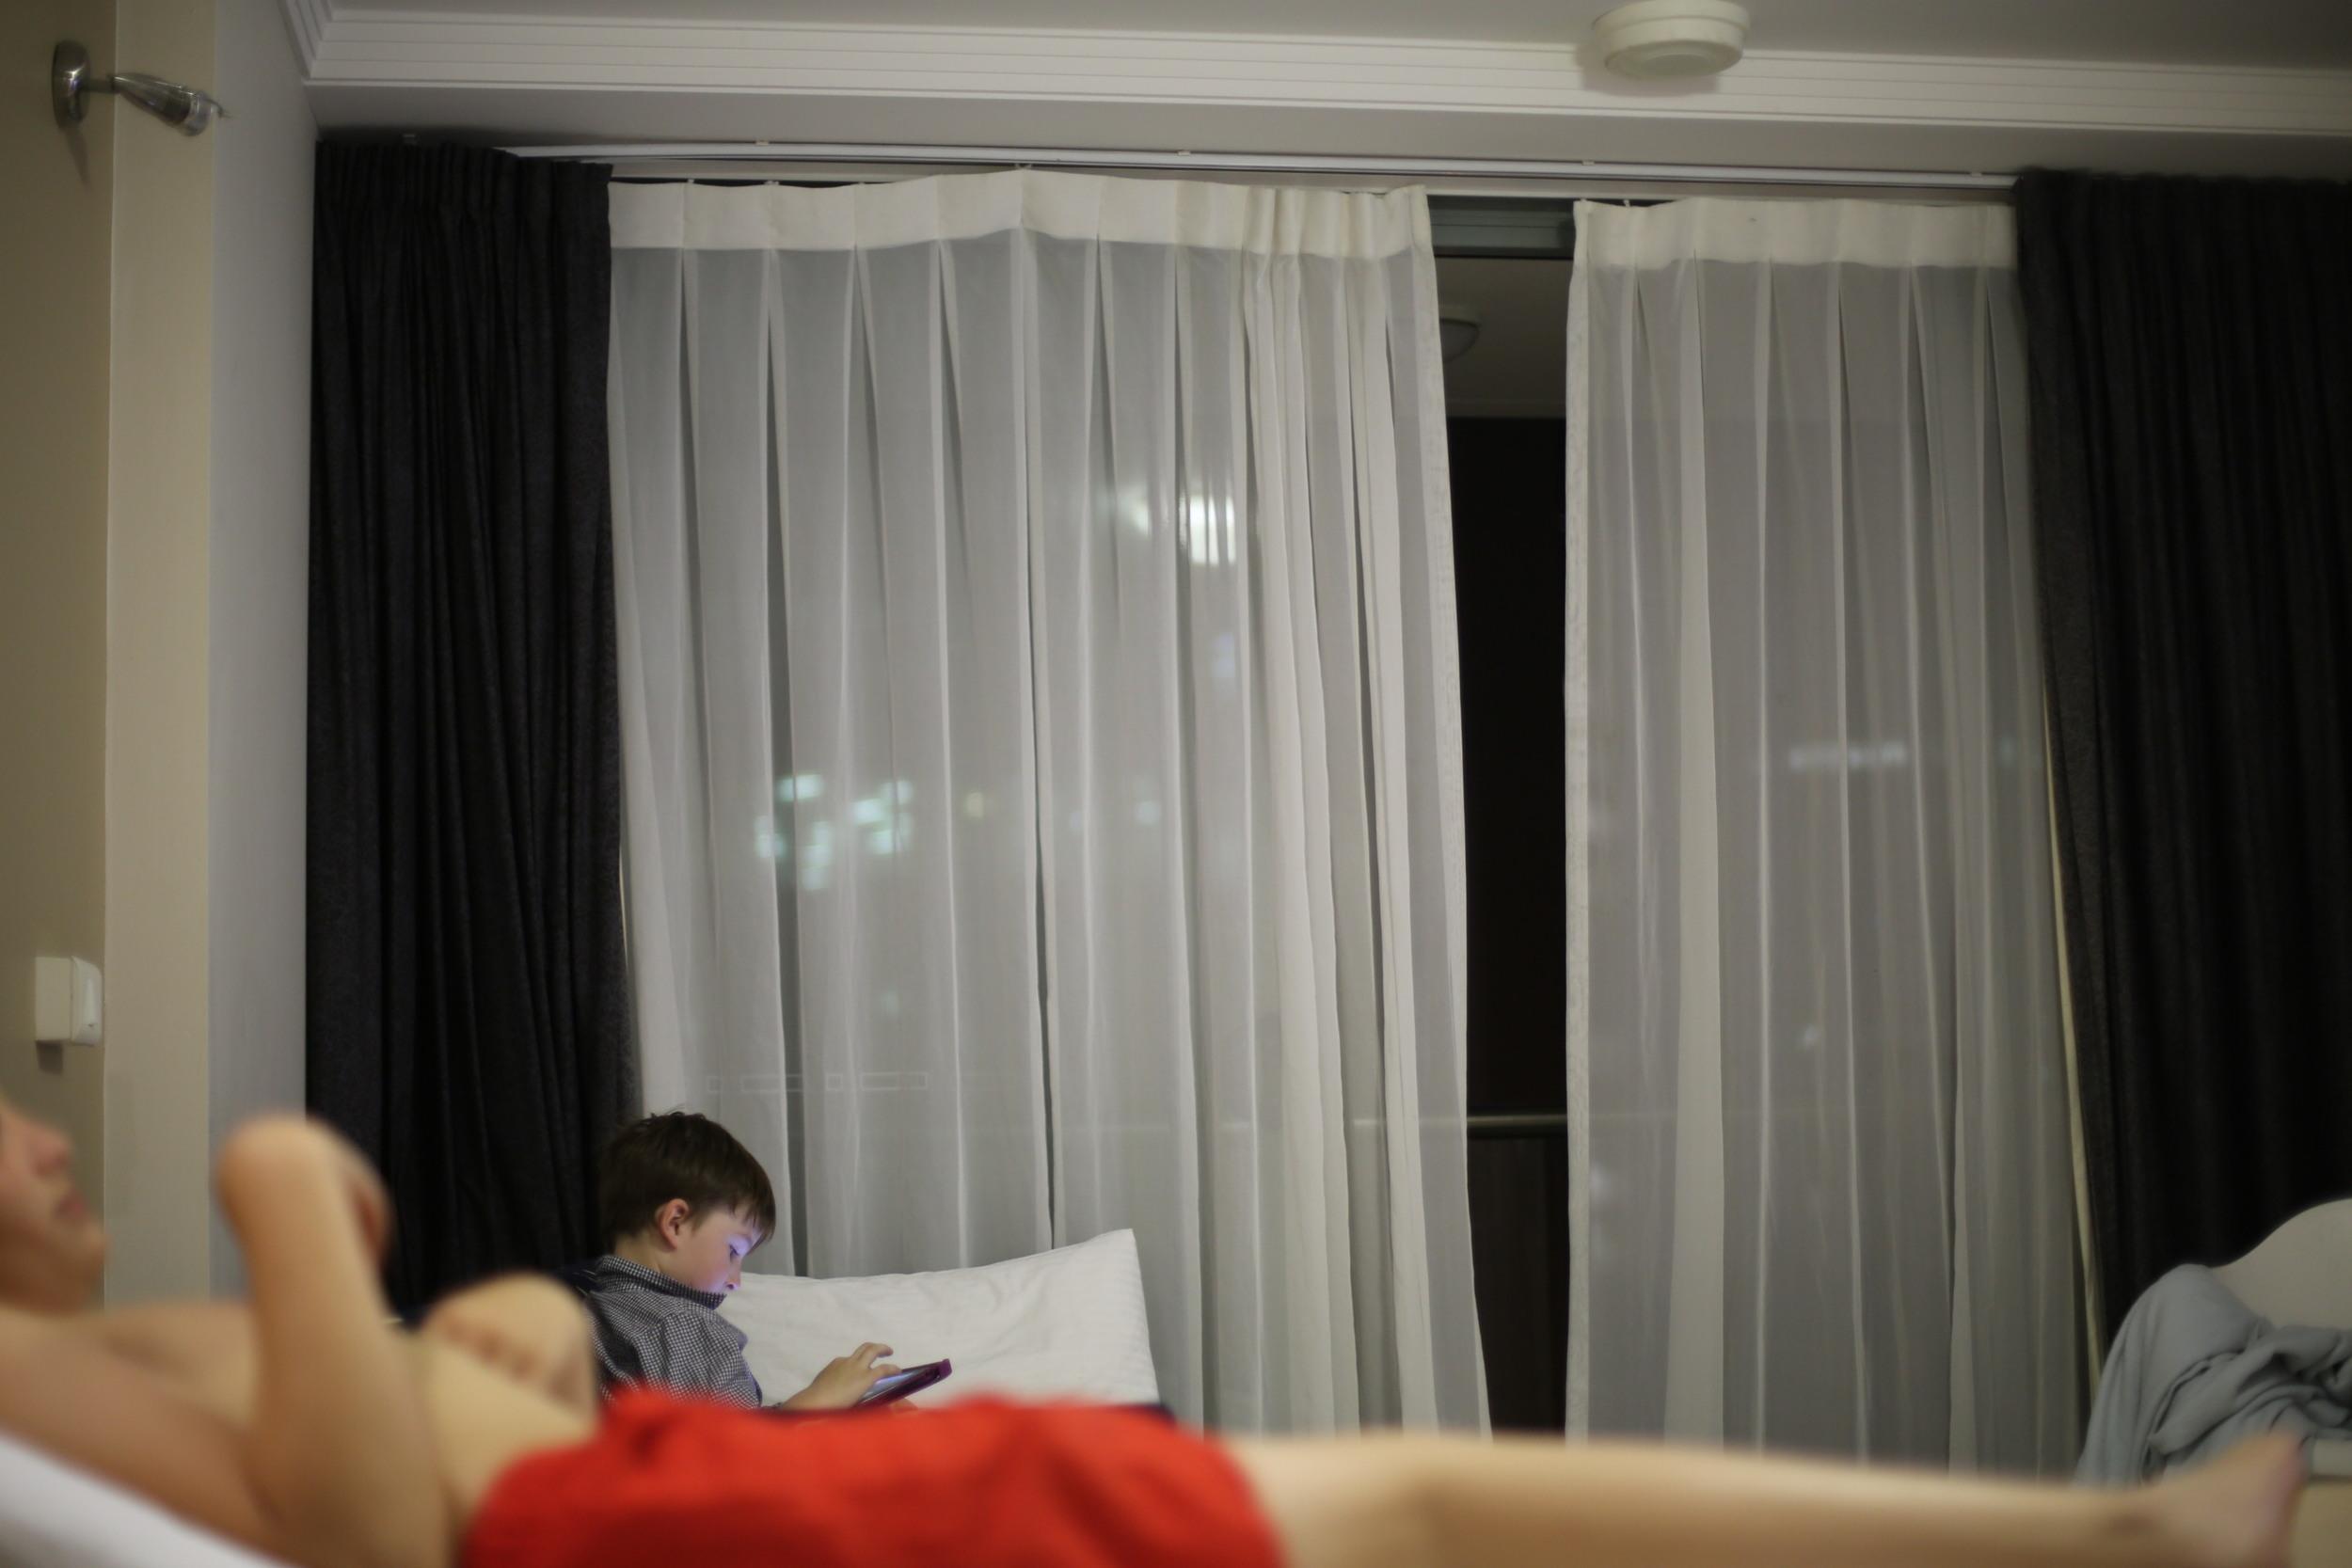 Visiting Hito at IMA and seeing Brisbane Hotel (continued below)